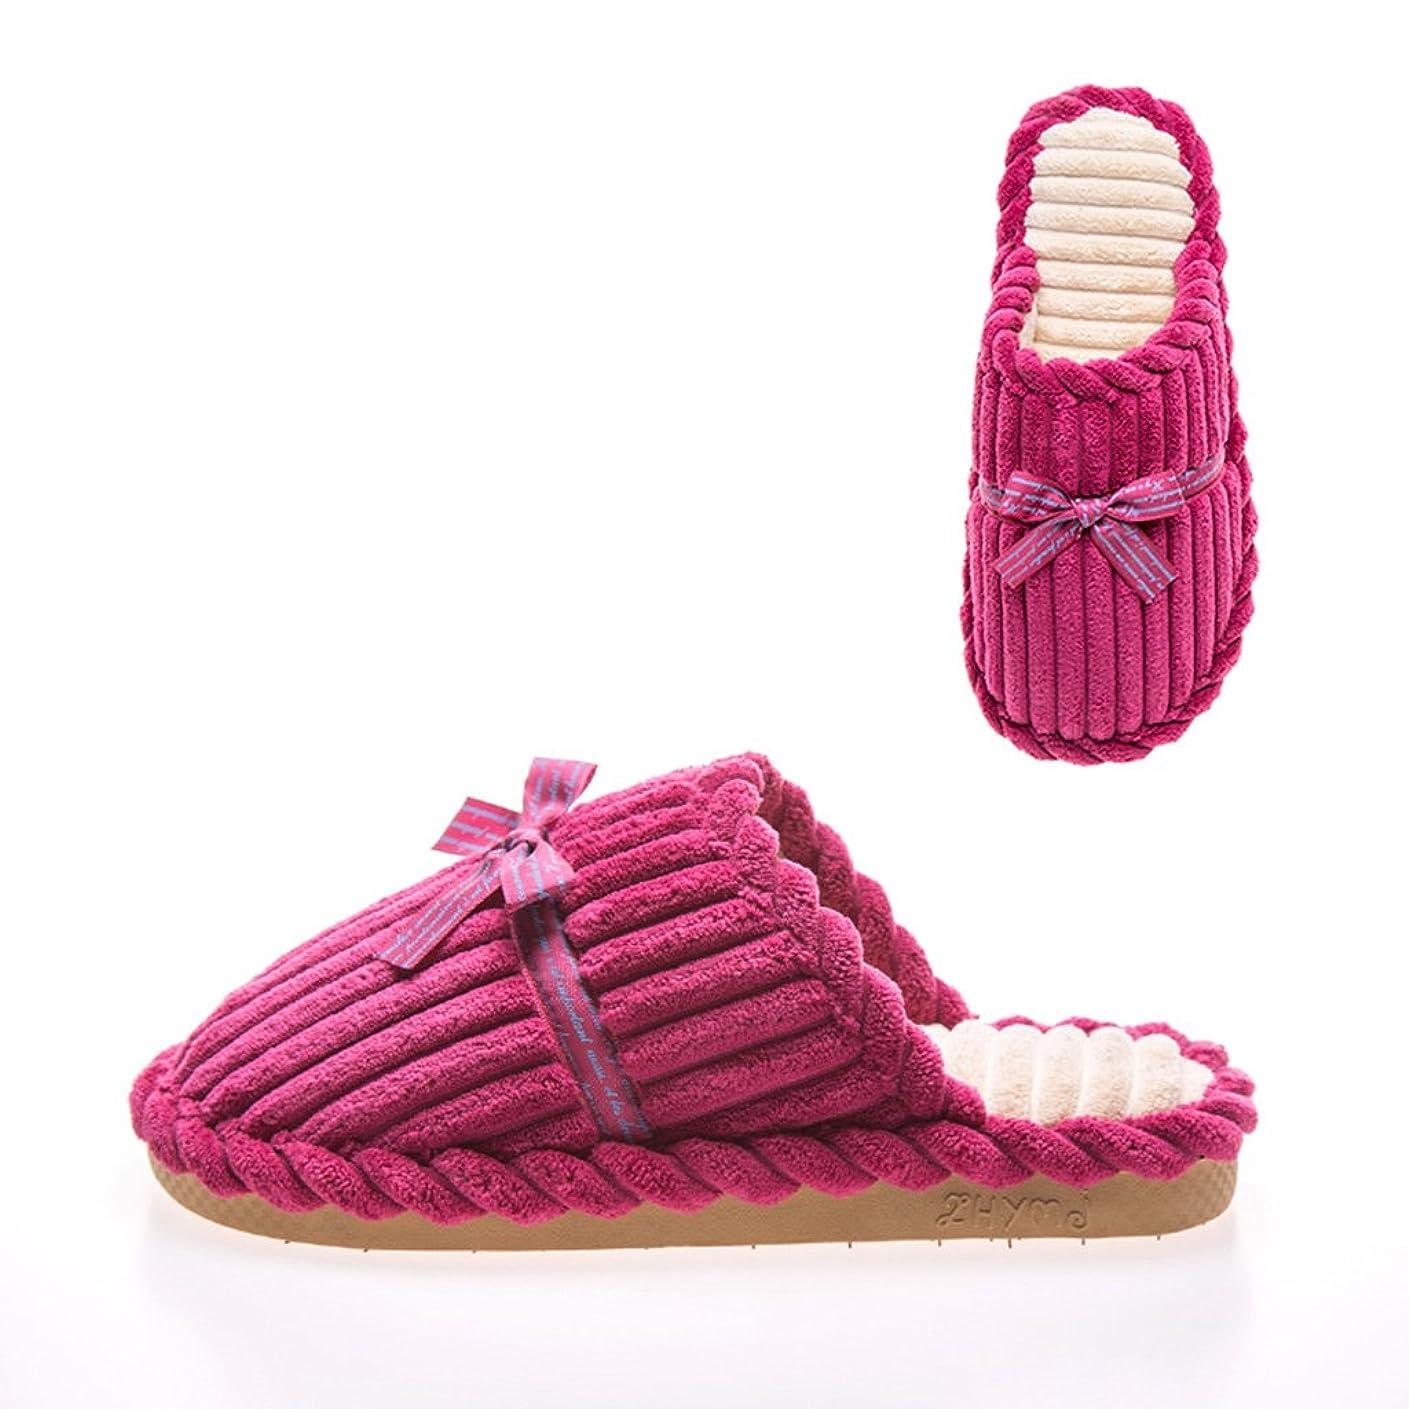 ラブ国内の活発コットンスリッパ女性の冬の屋内の家暖かい厚い靴 ( 色 : B , サイズ さいず : EUR:35-36 )